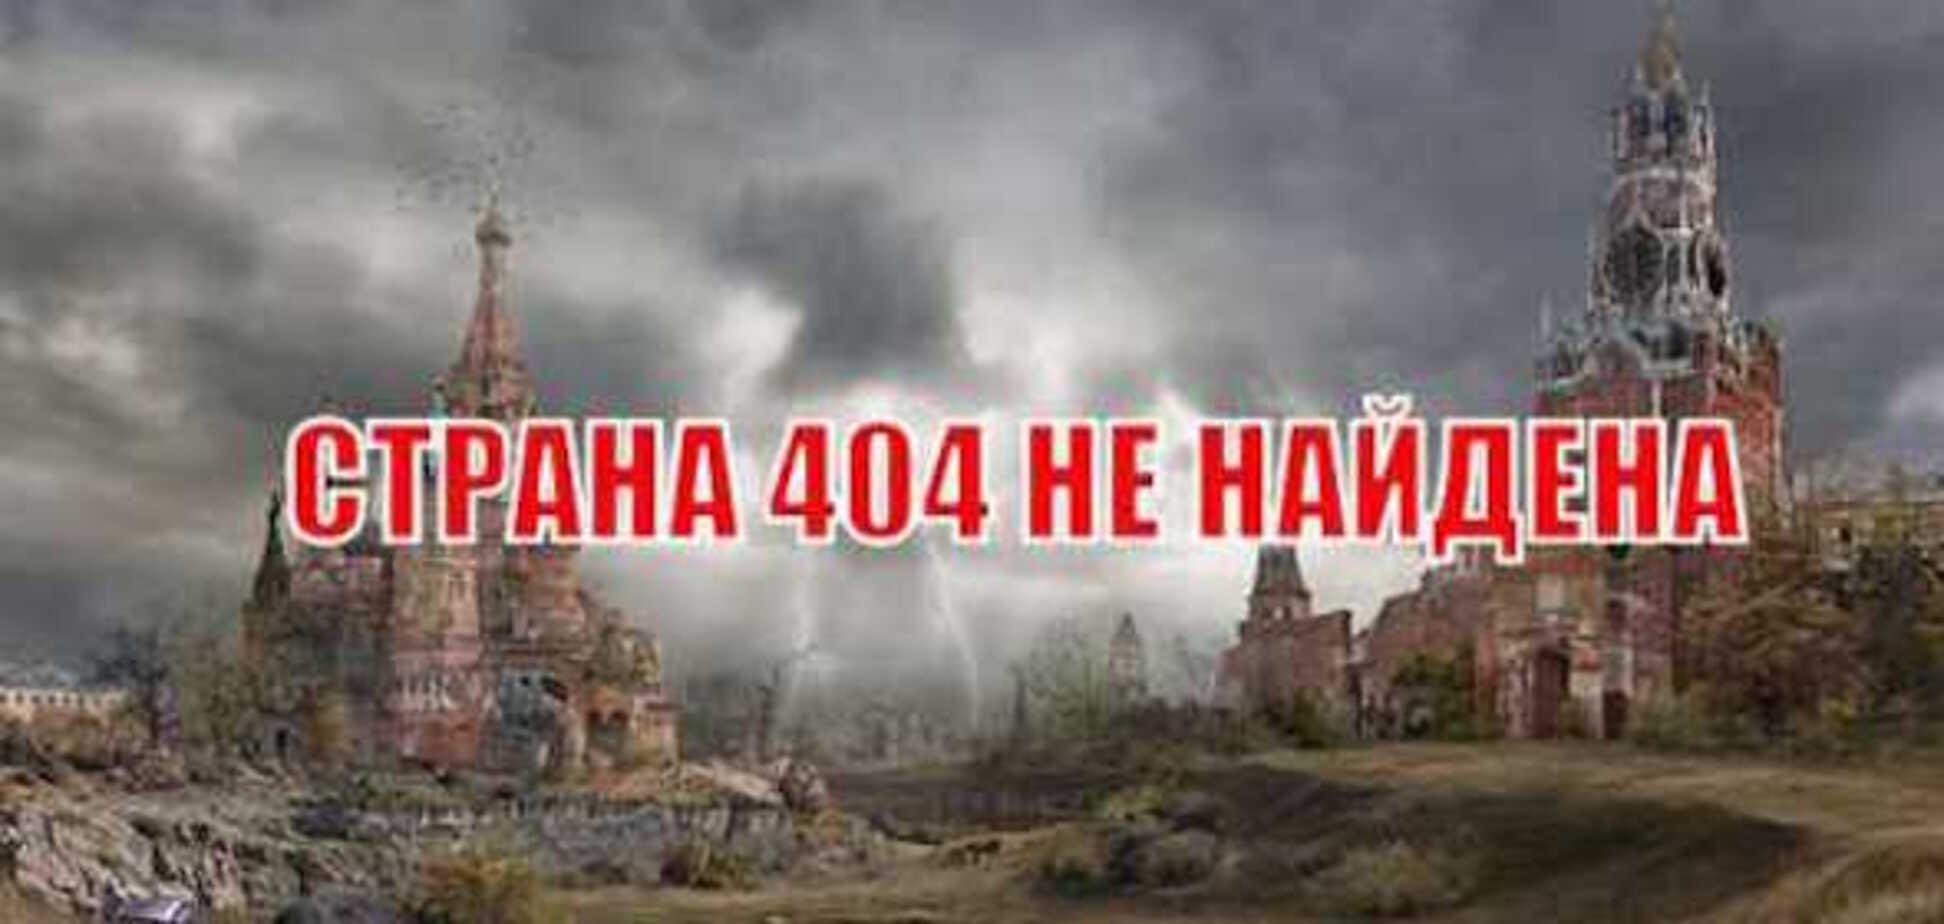 Новости Крымнаша. Так кто теперь страна-404?